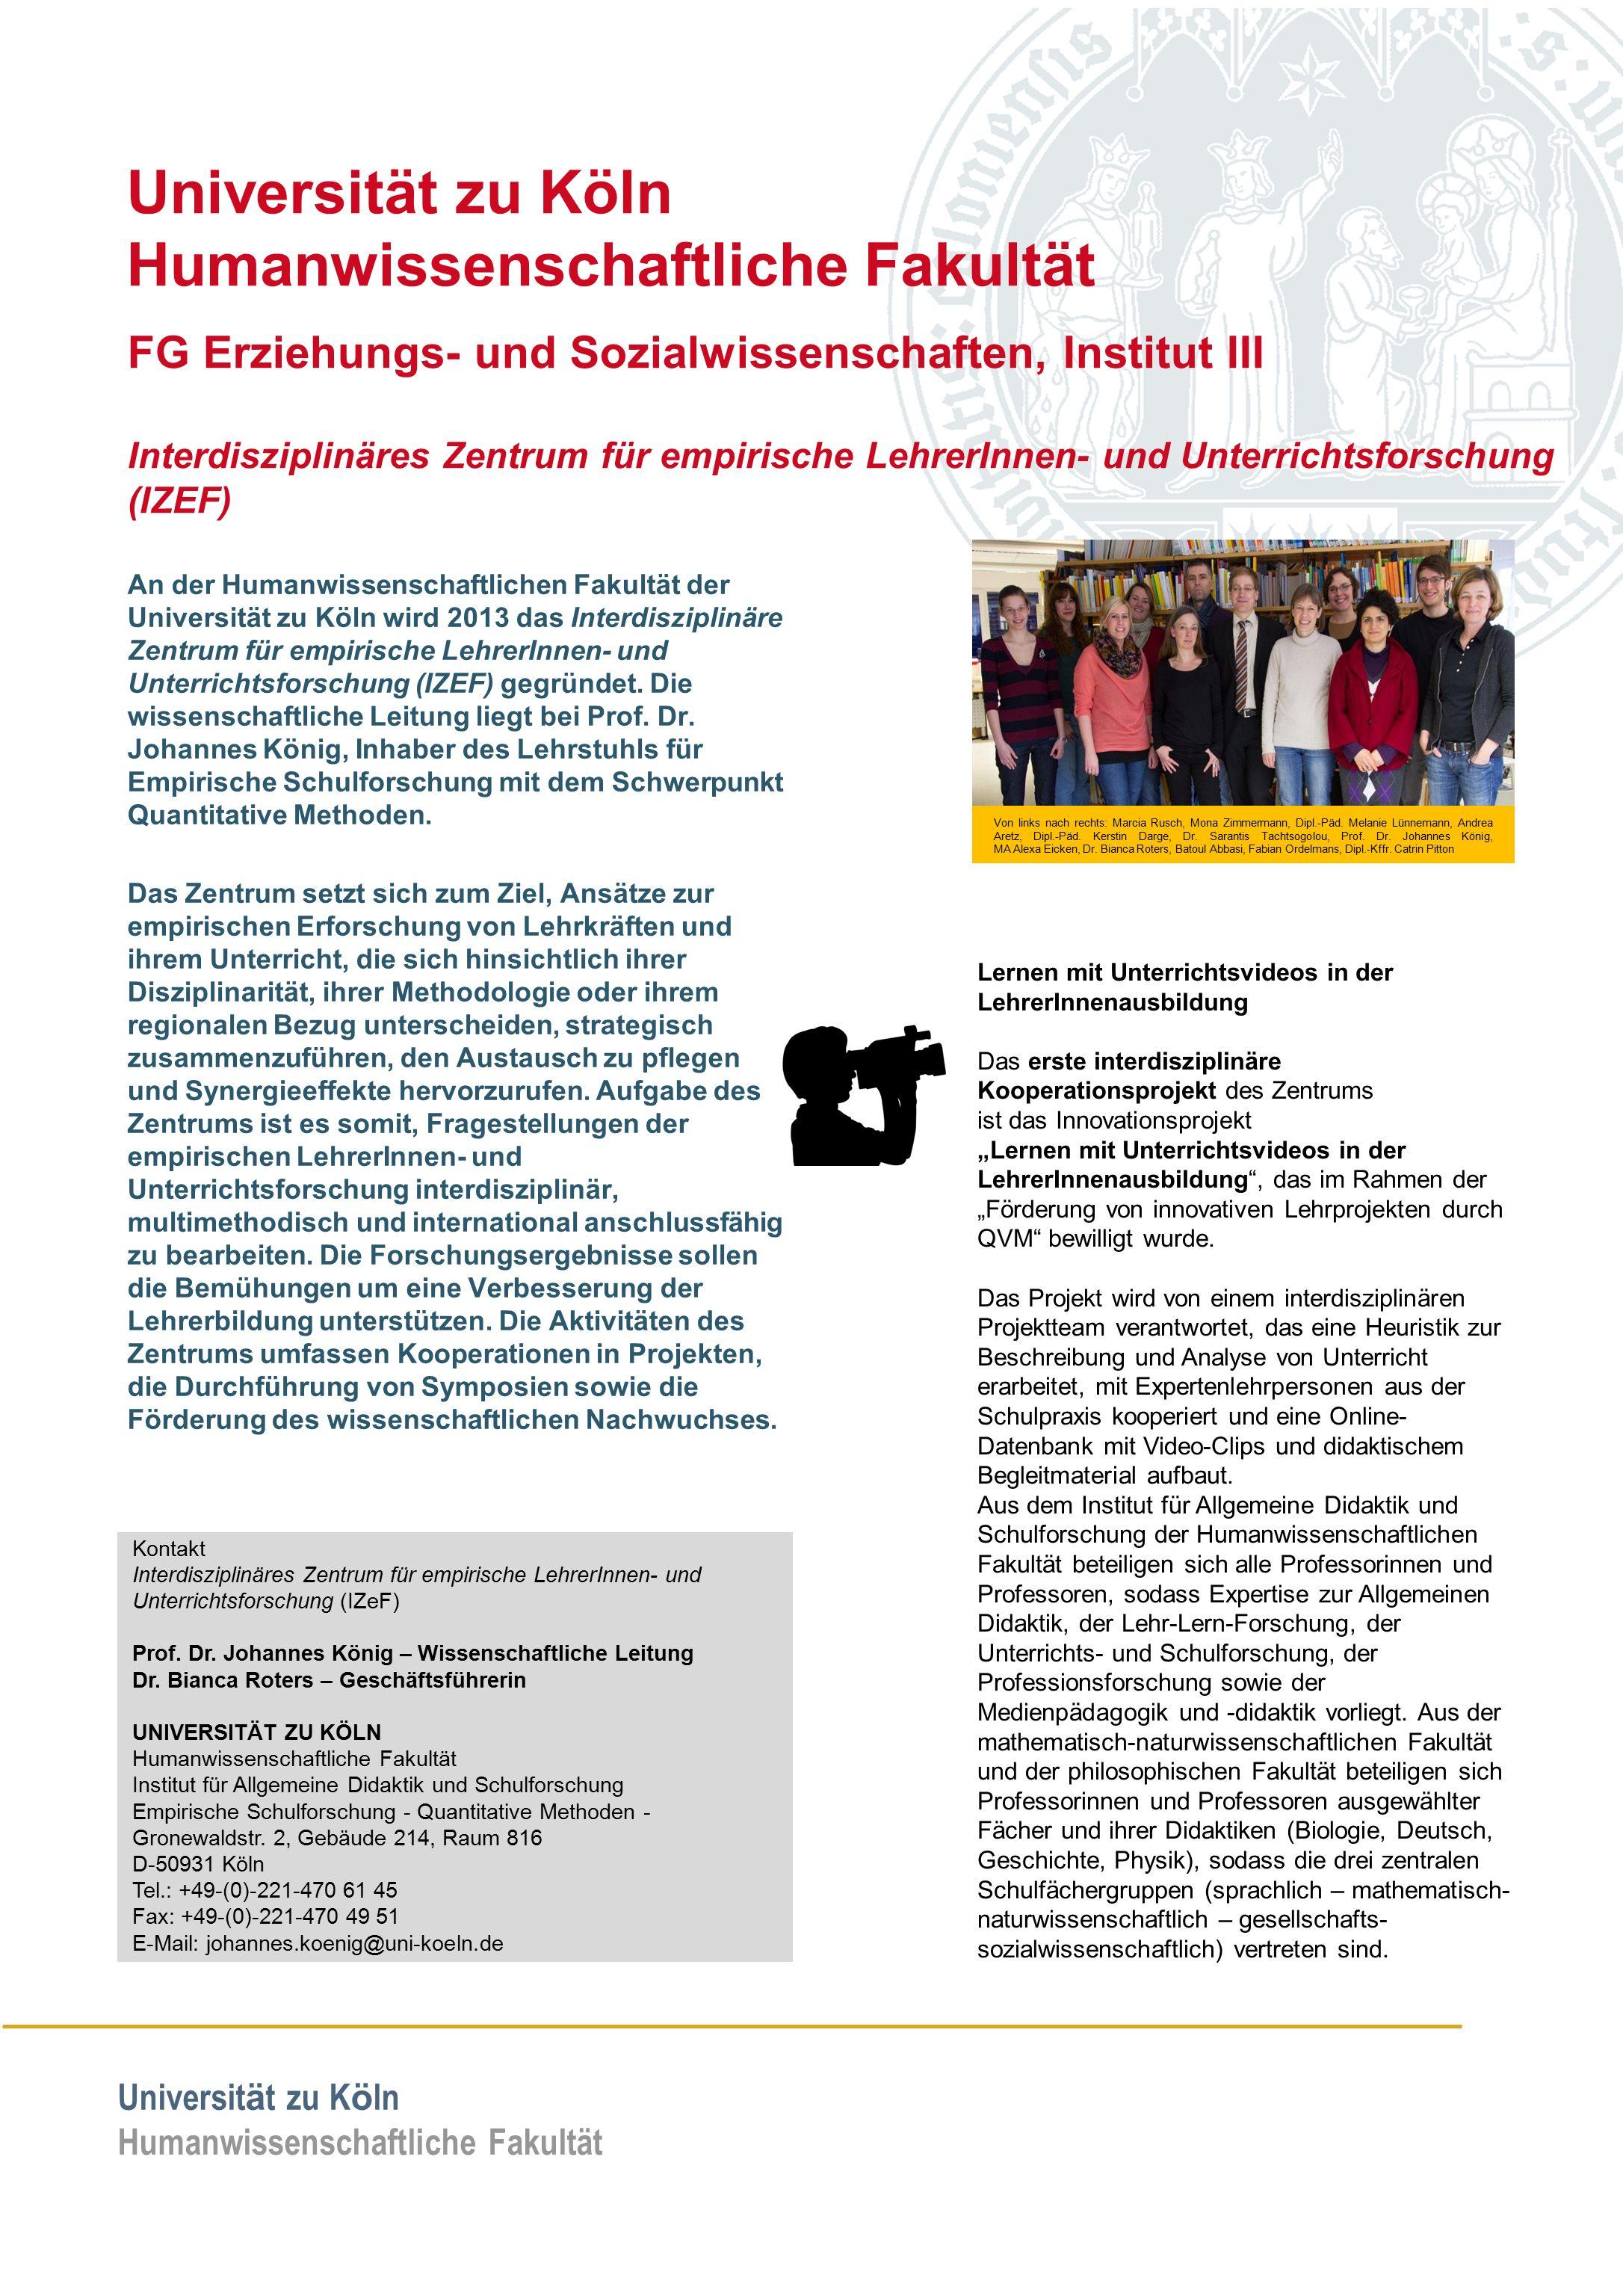 Universität zu Köln Humanwissenschaftliche Fakultät An der Humanwissenschaftlichen Fakultät der Universität zu Köln wird 2013 das Interdisziplinäre Zentrum für empirische LehrerInnen- und Unterrichtsforschung (IZEF) gegründet.